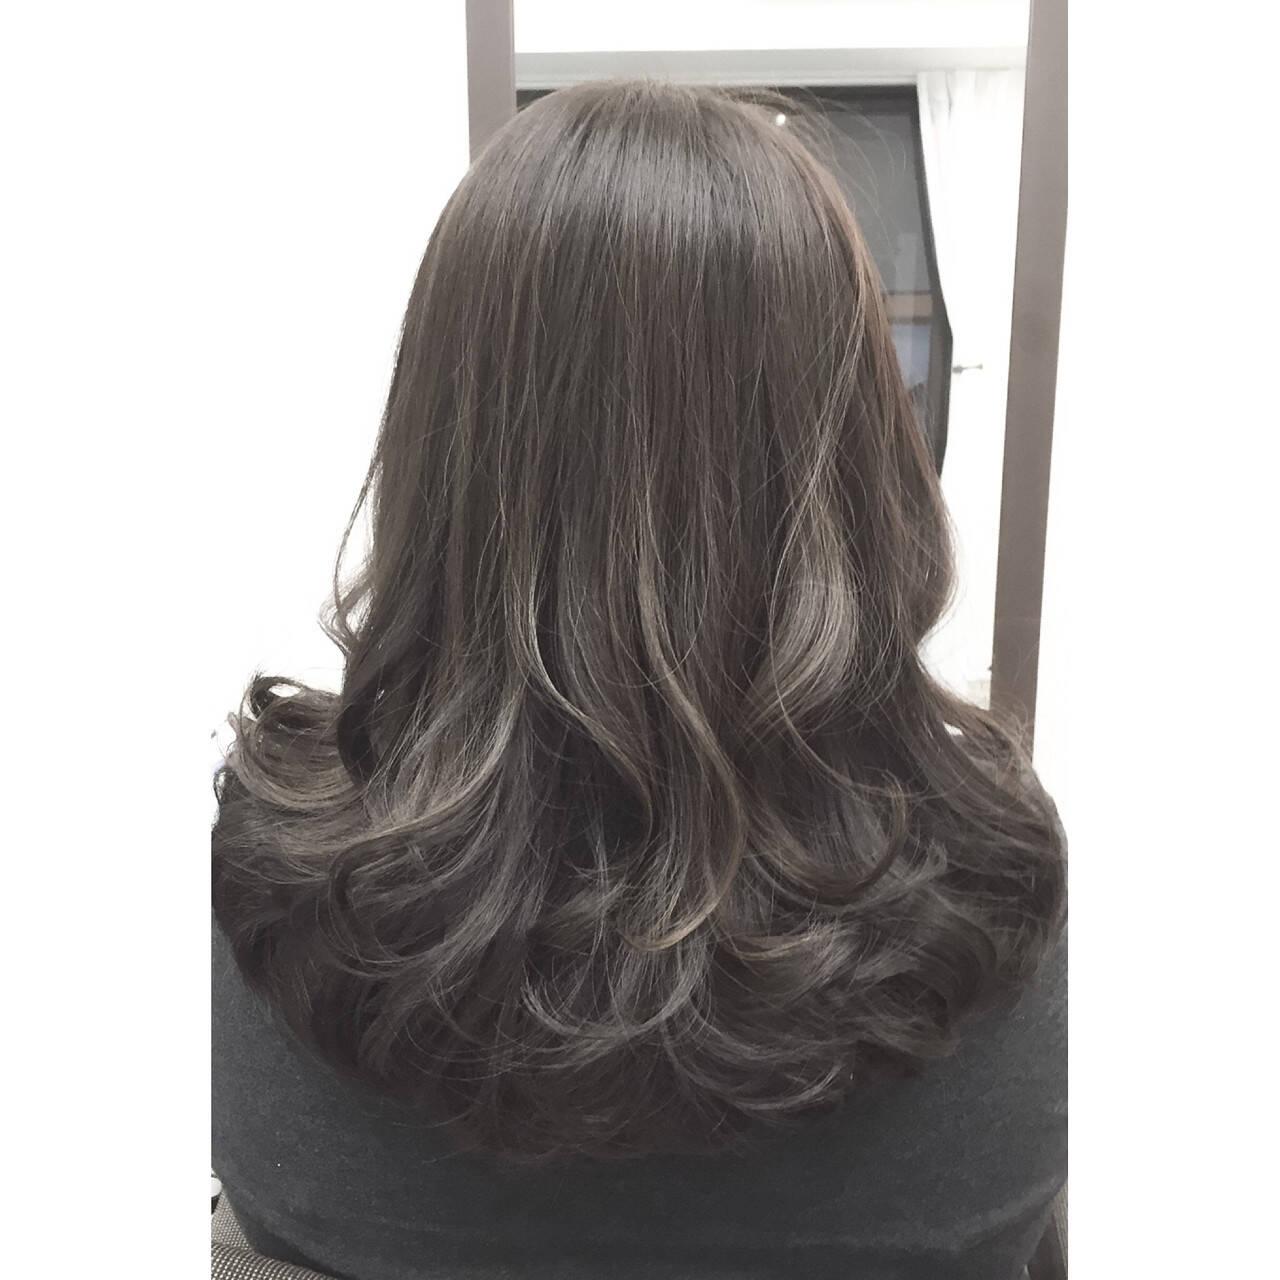 ミディアム 暗髪 大人かわいい ナチュラルヘアスタイルや髪型の写真・画像